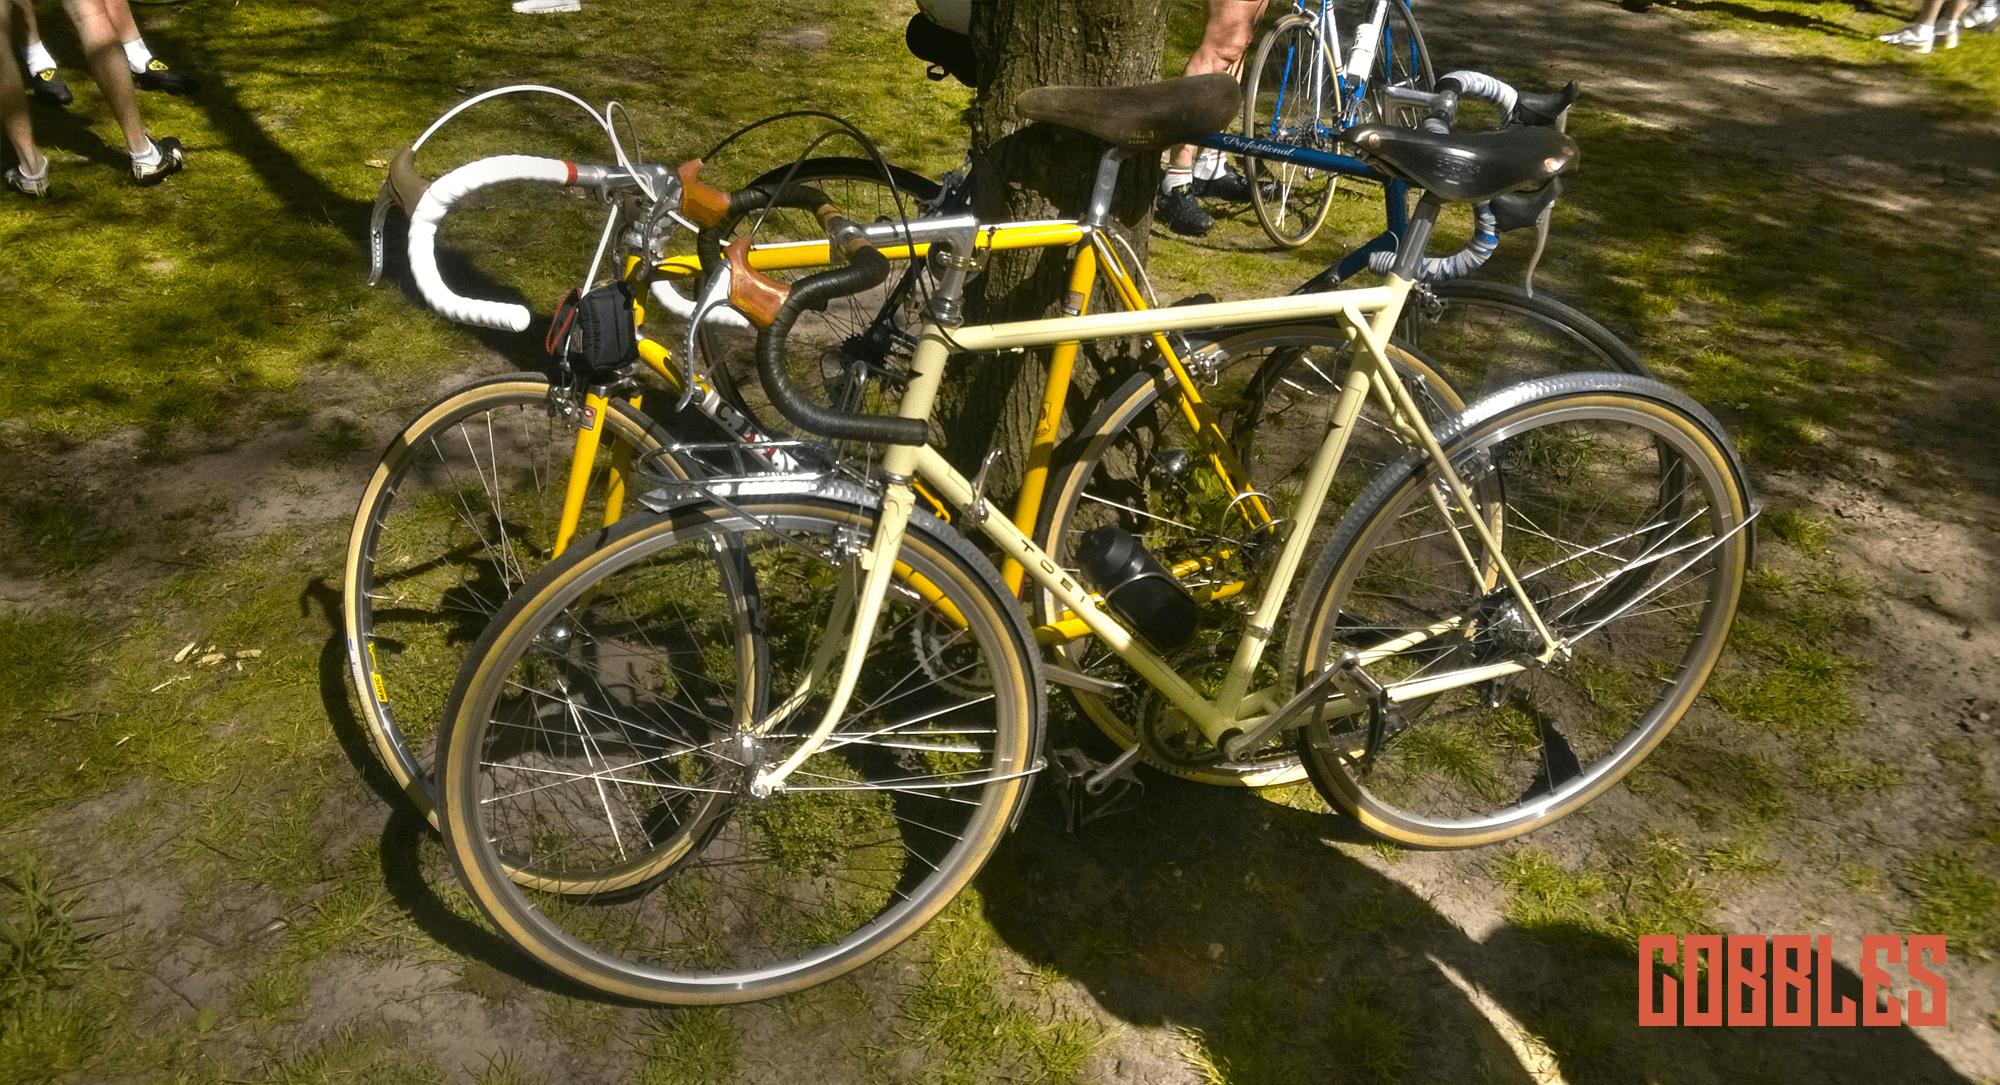 Cobbles Cycling Retroetoer Moergestel